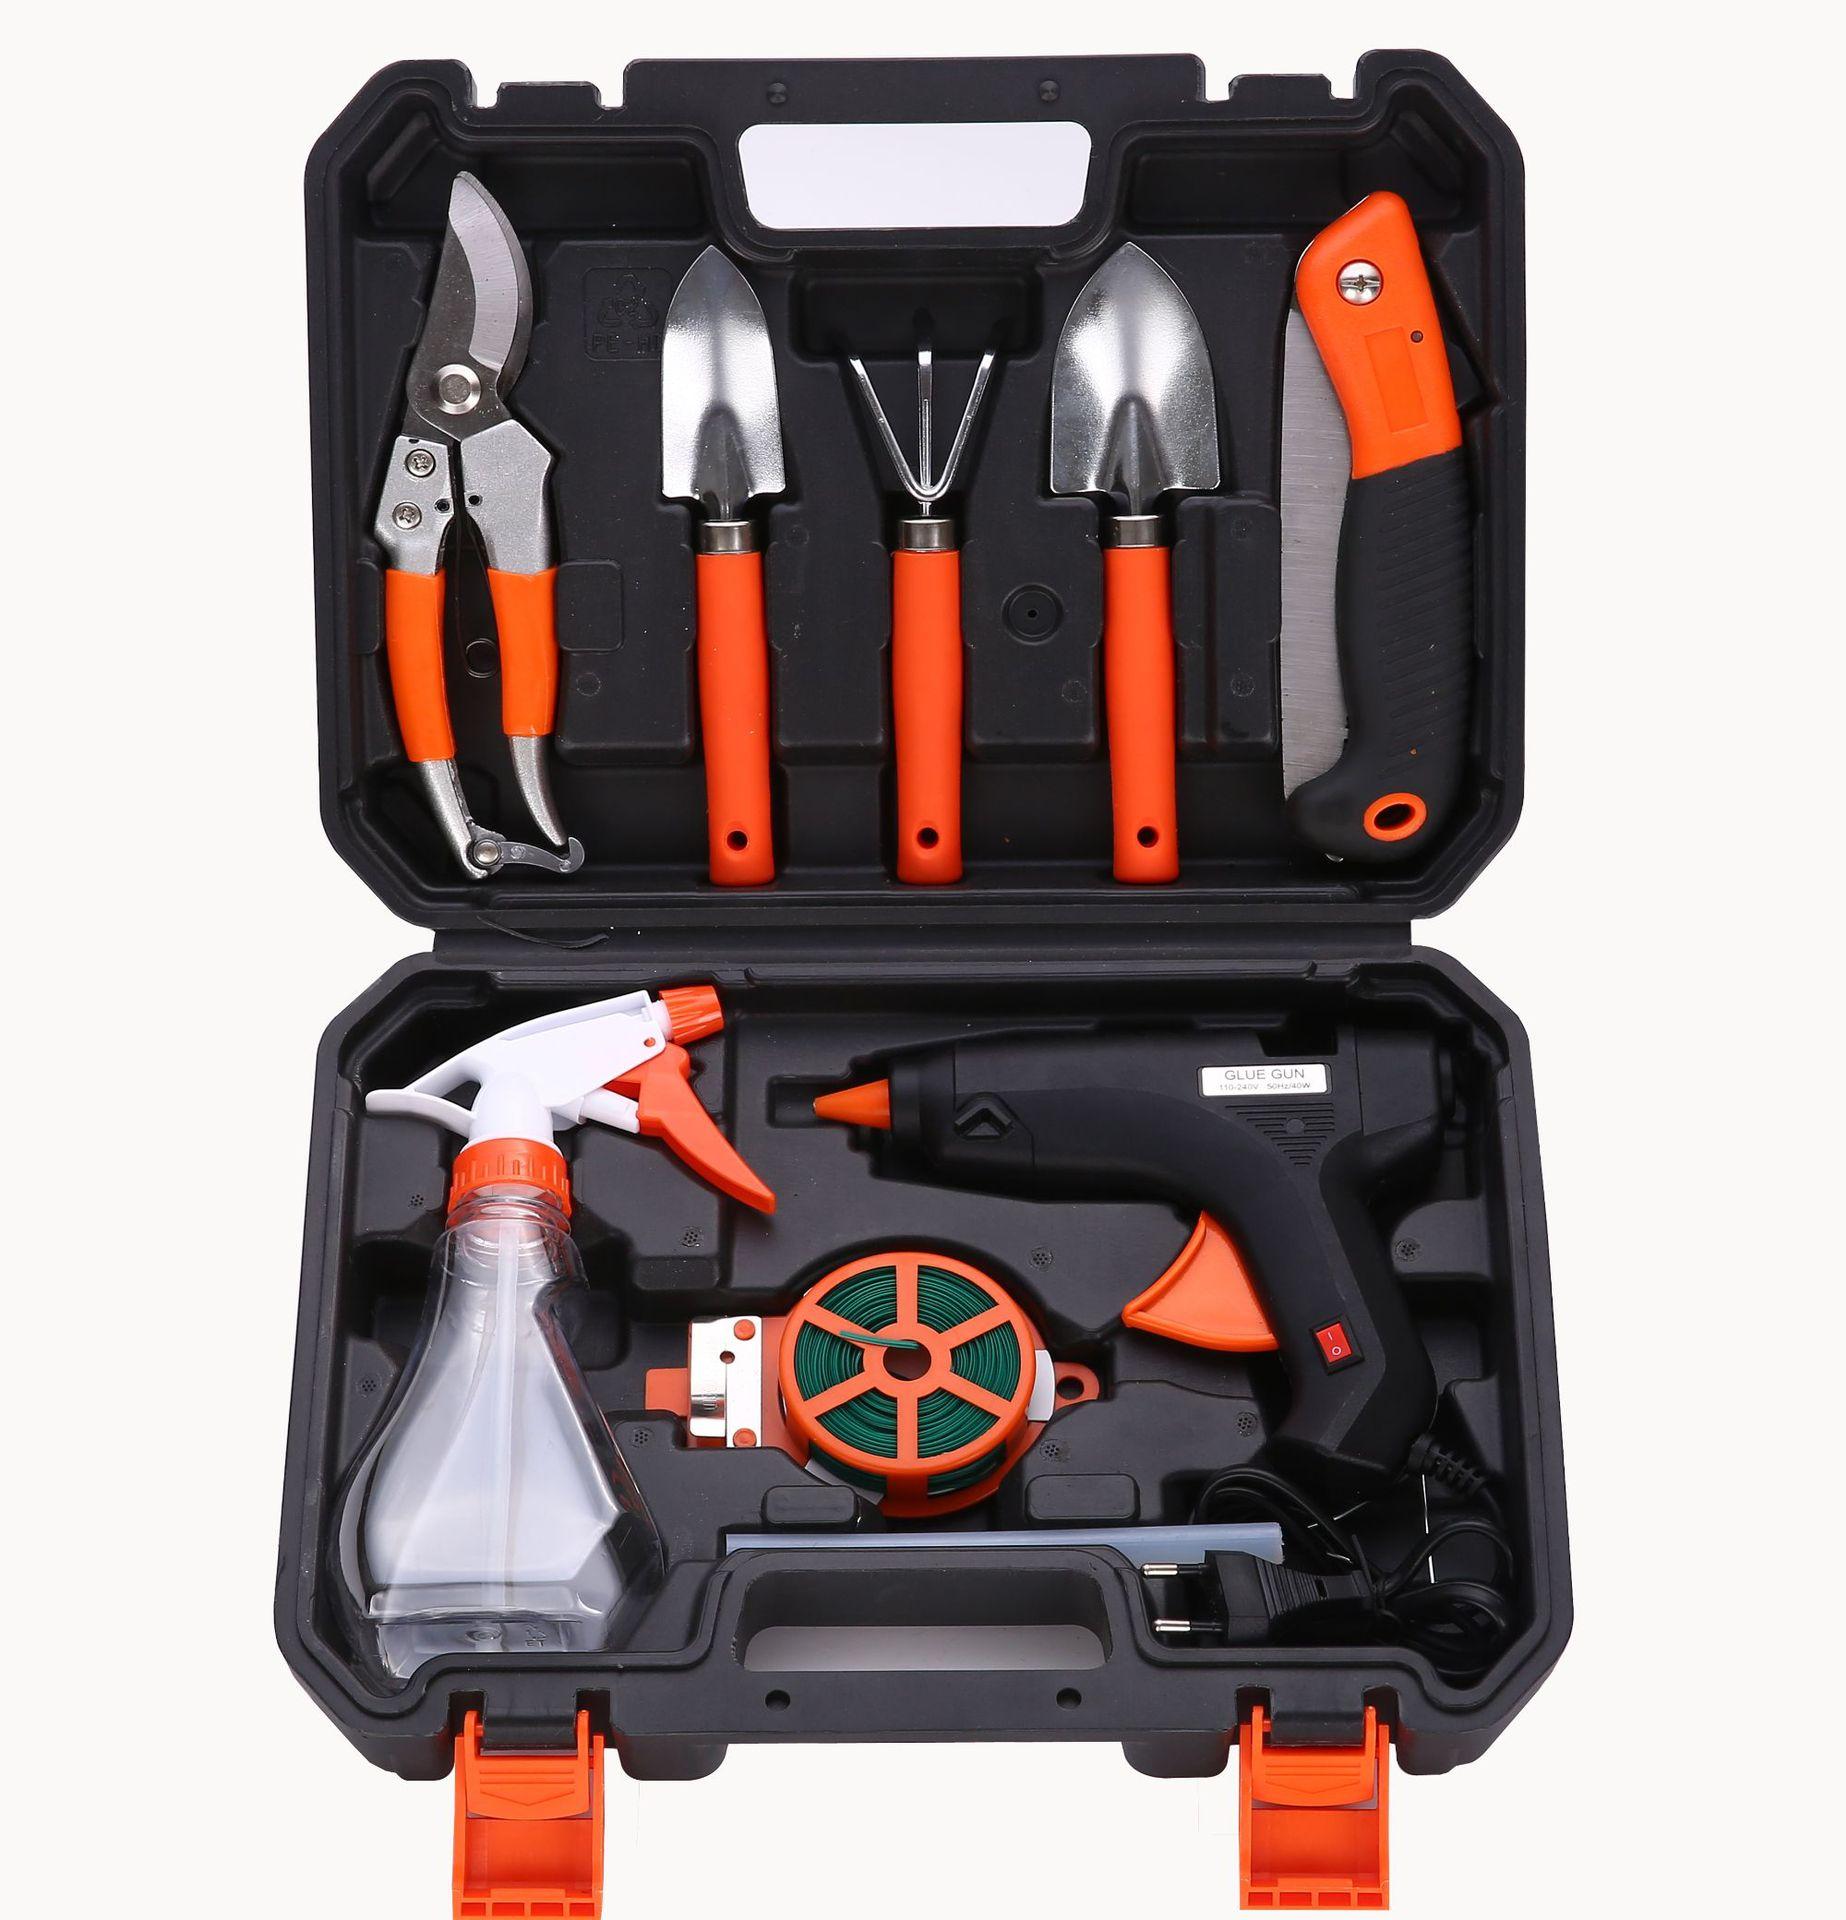 五金工具箱 园林园艺工具组合组套 电热胶枪套装 花园种花工具